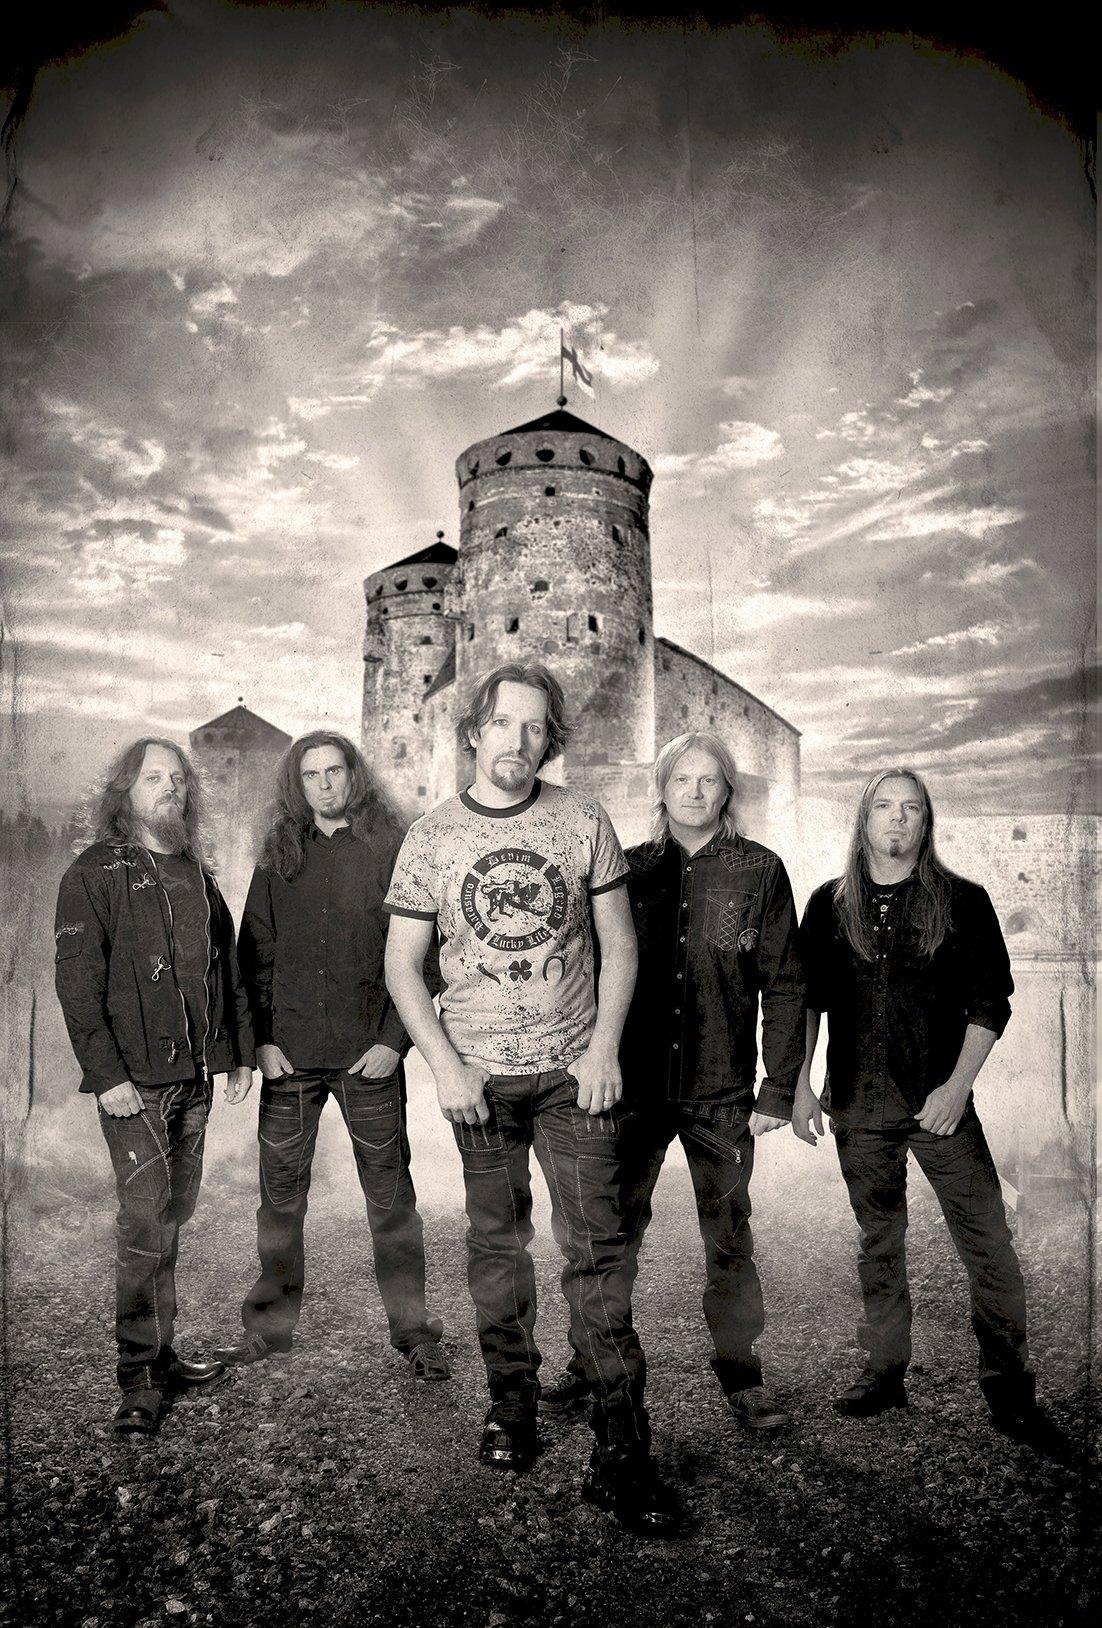 Yhtyeen kokoonpano on: Tony Kakko (laulu), Henrik Klingenberg (koskettimet), Elias Viljanen (kitara),Pasi Kauppinen (basso) ja Tommy Portimo (rummut).